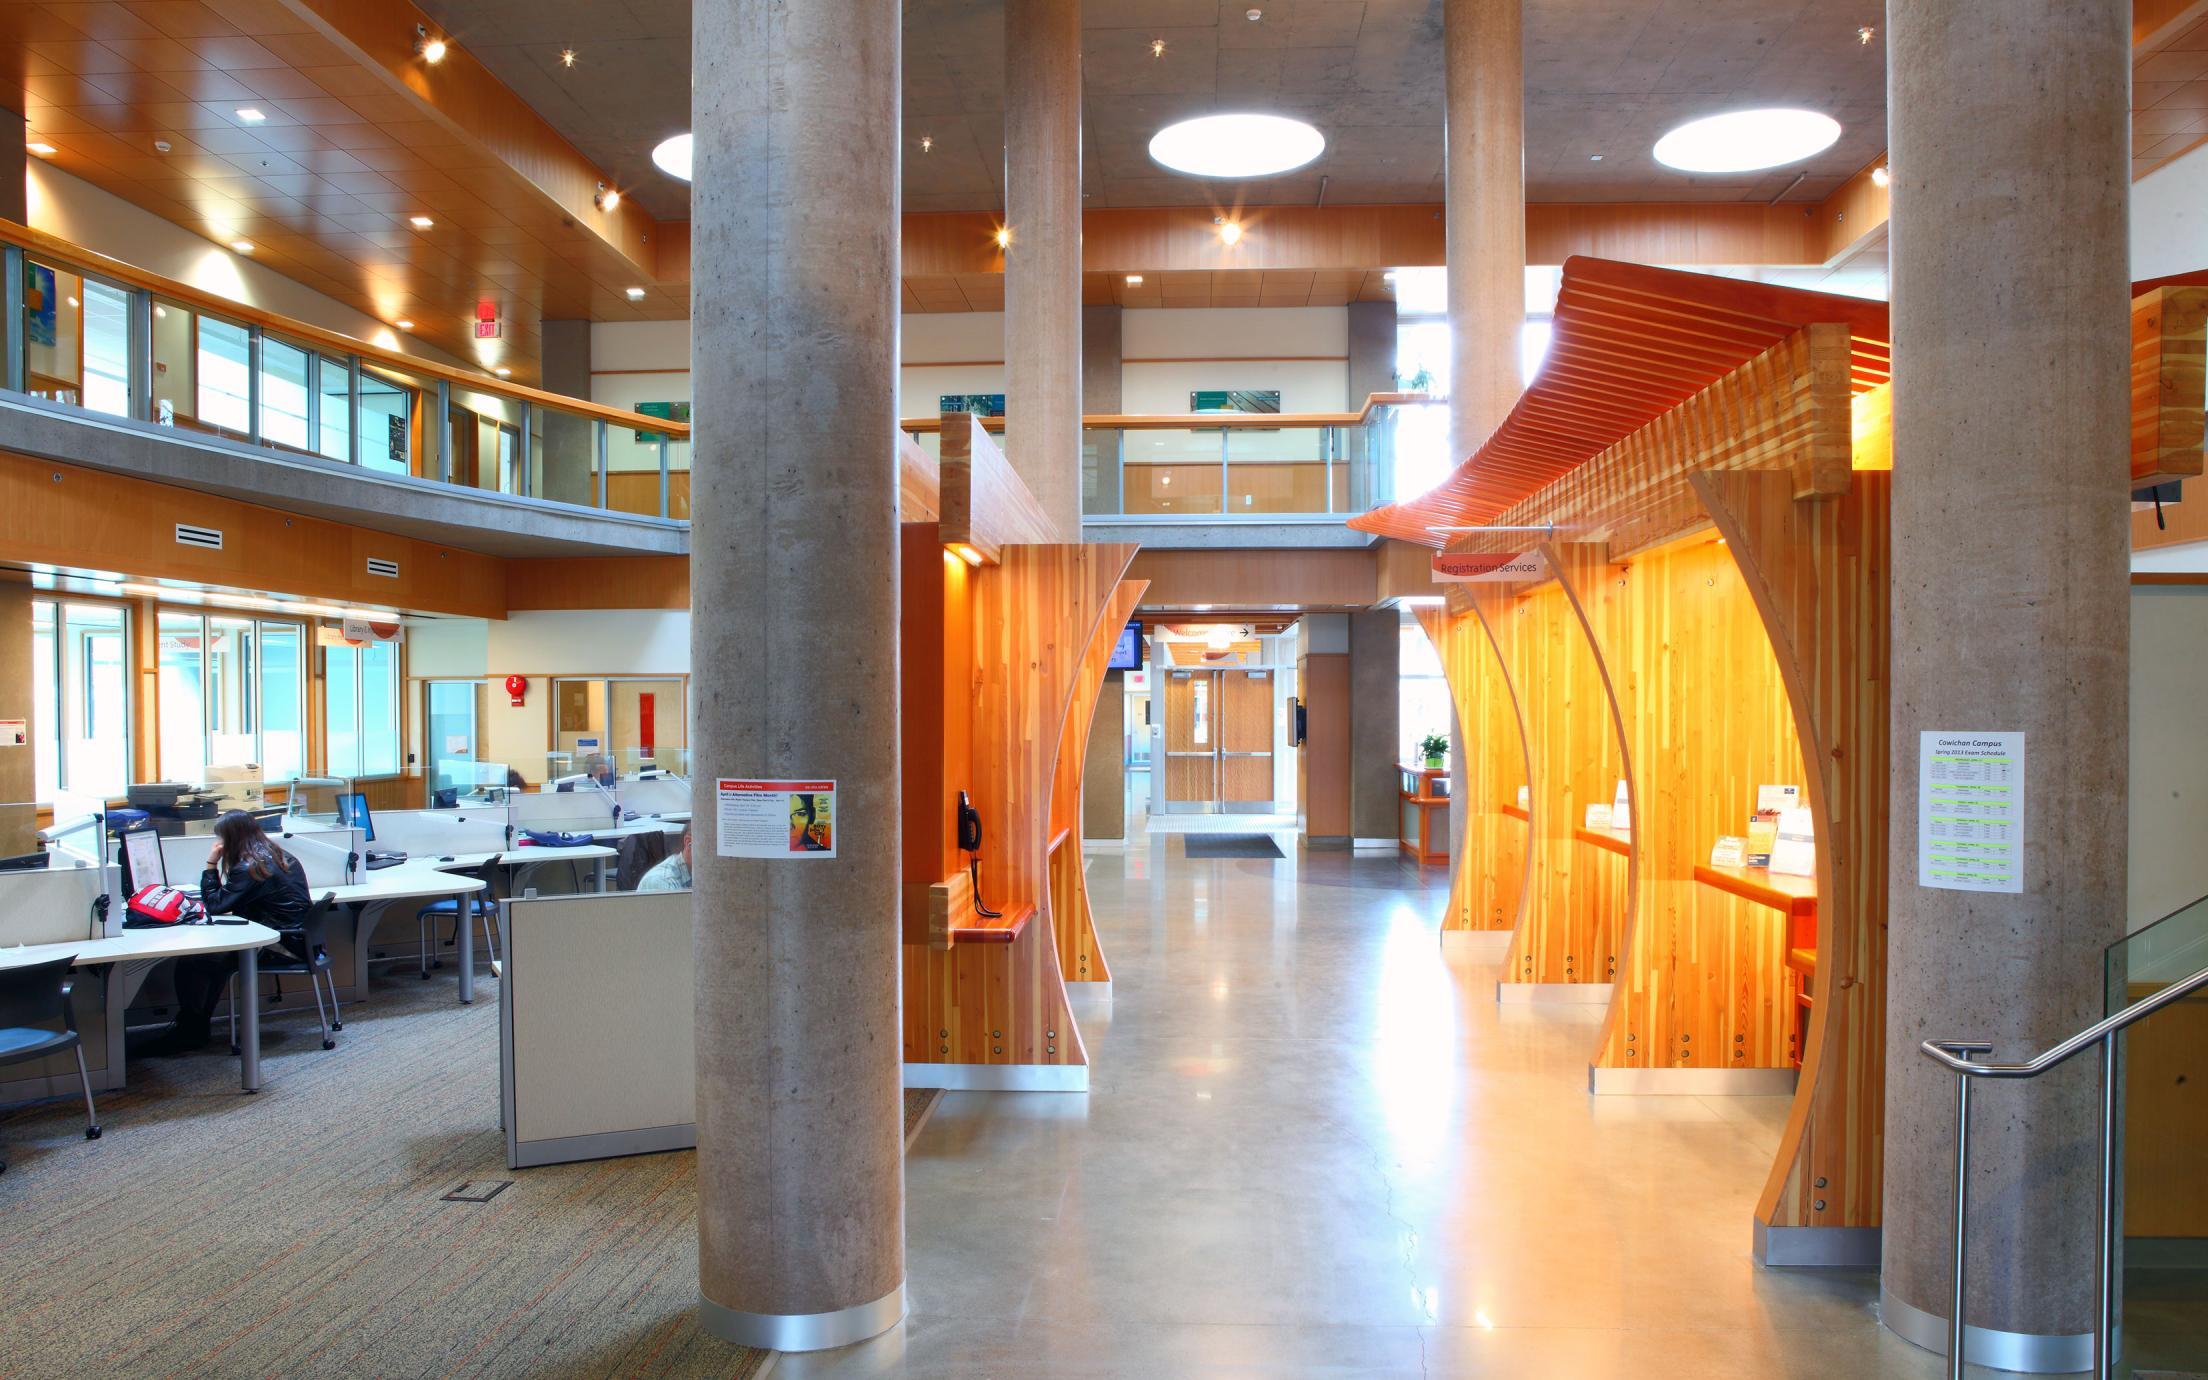 VIU Cowichan Campus Interior